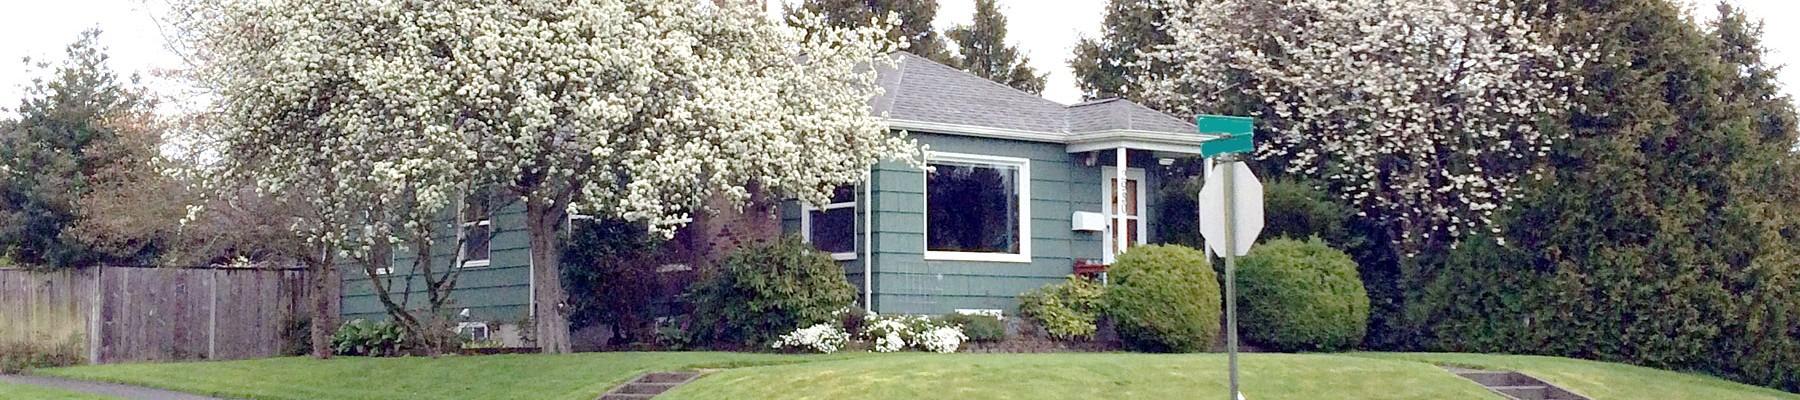 slider-house5-1800